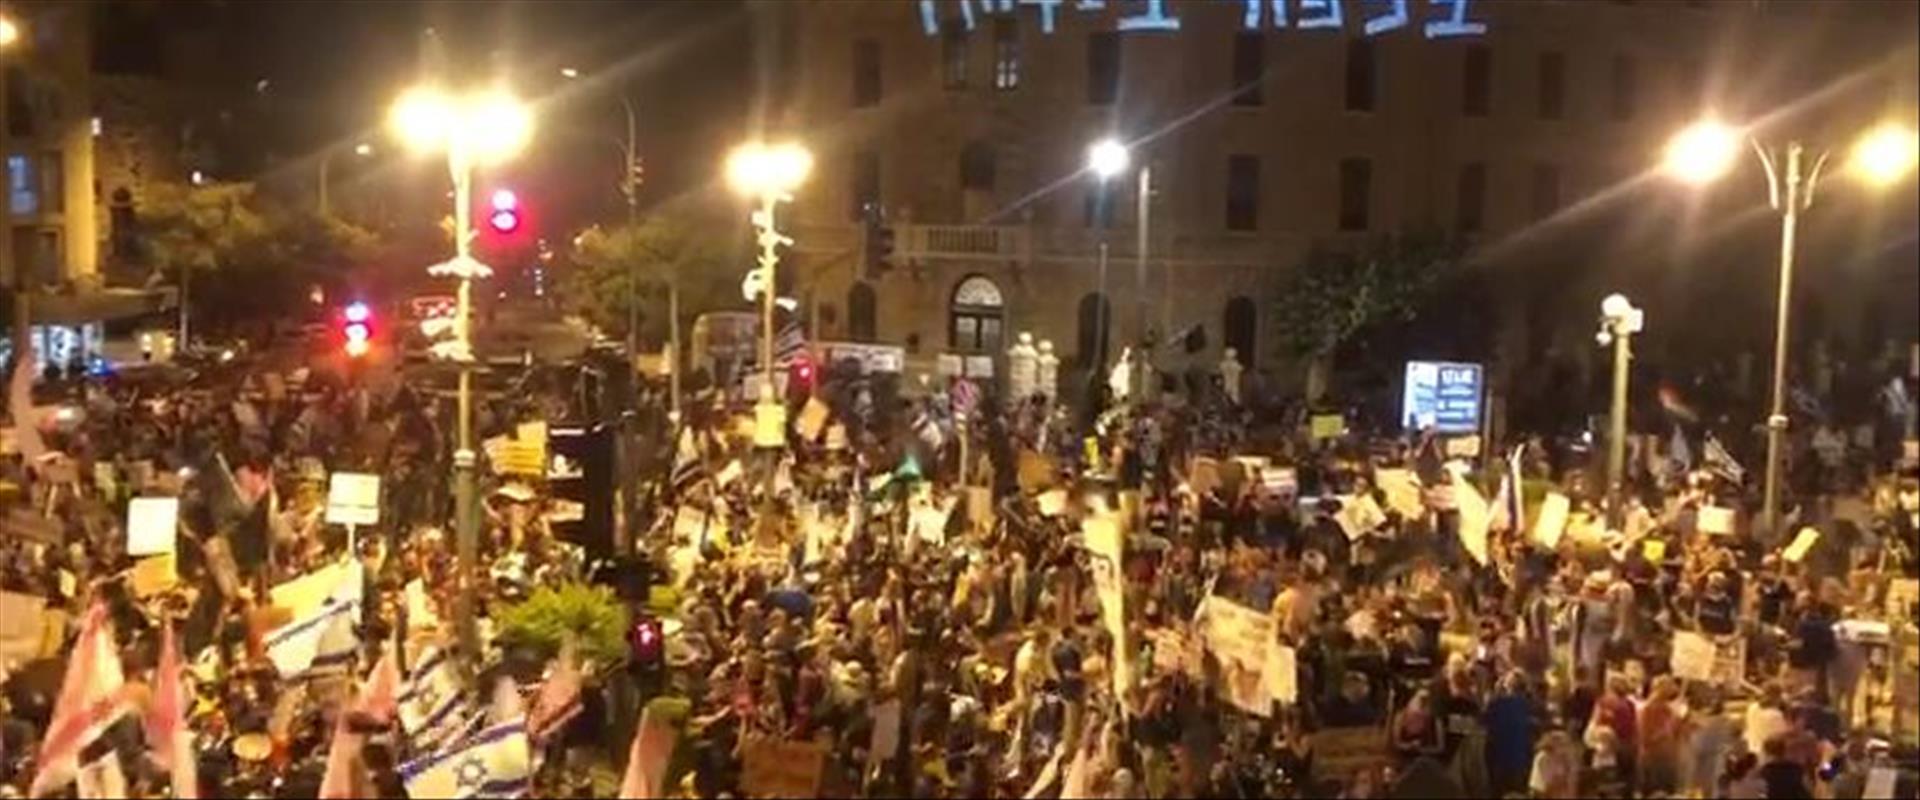 הפגנה בכיכר פריז בירושלים, 08.08.2020